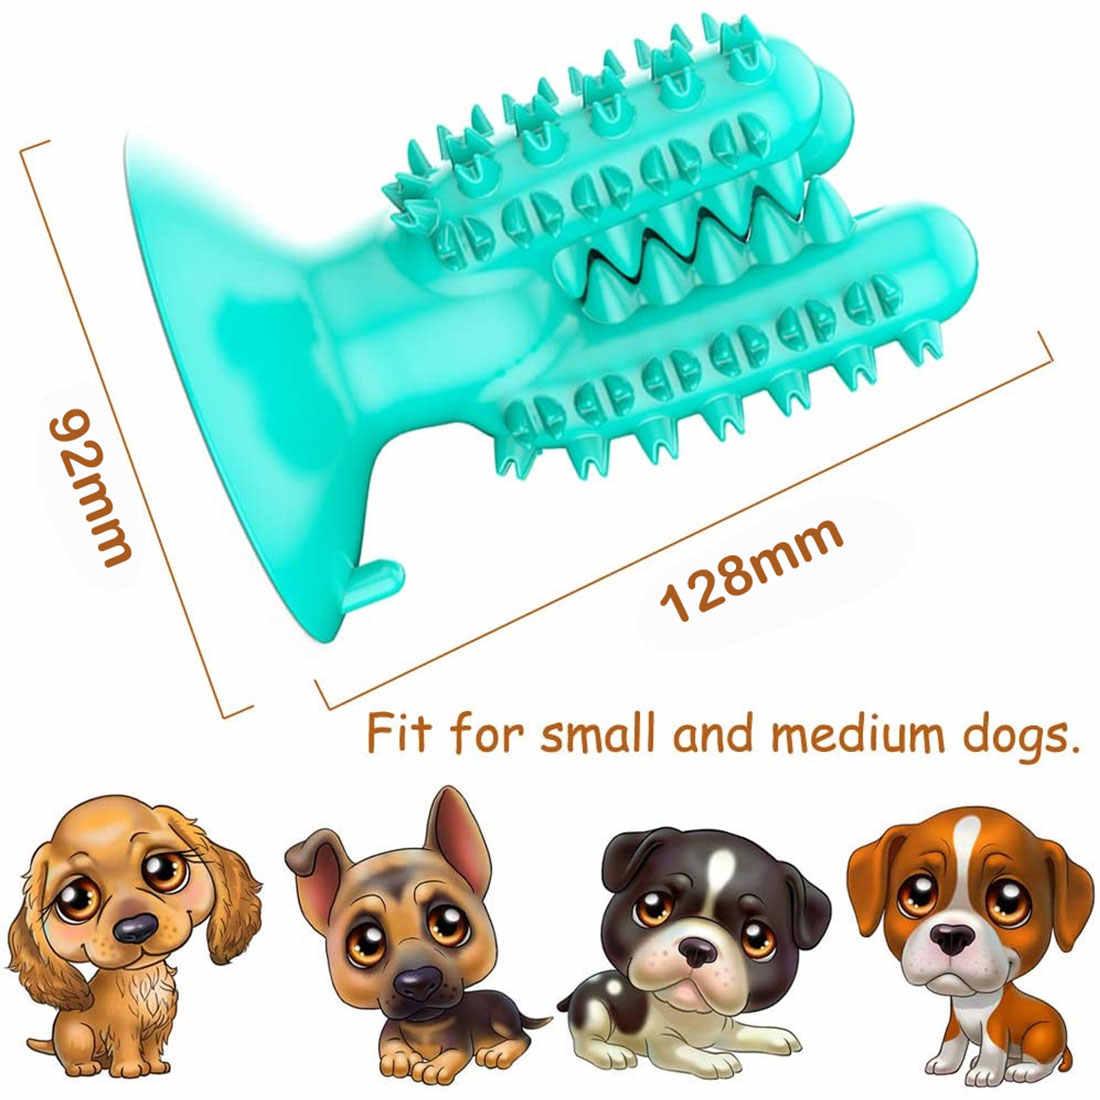 Зубная щетка с вертикальной и горизонтальной щетиной для чистки зубов